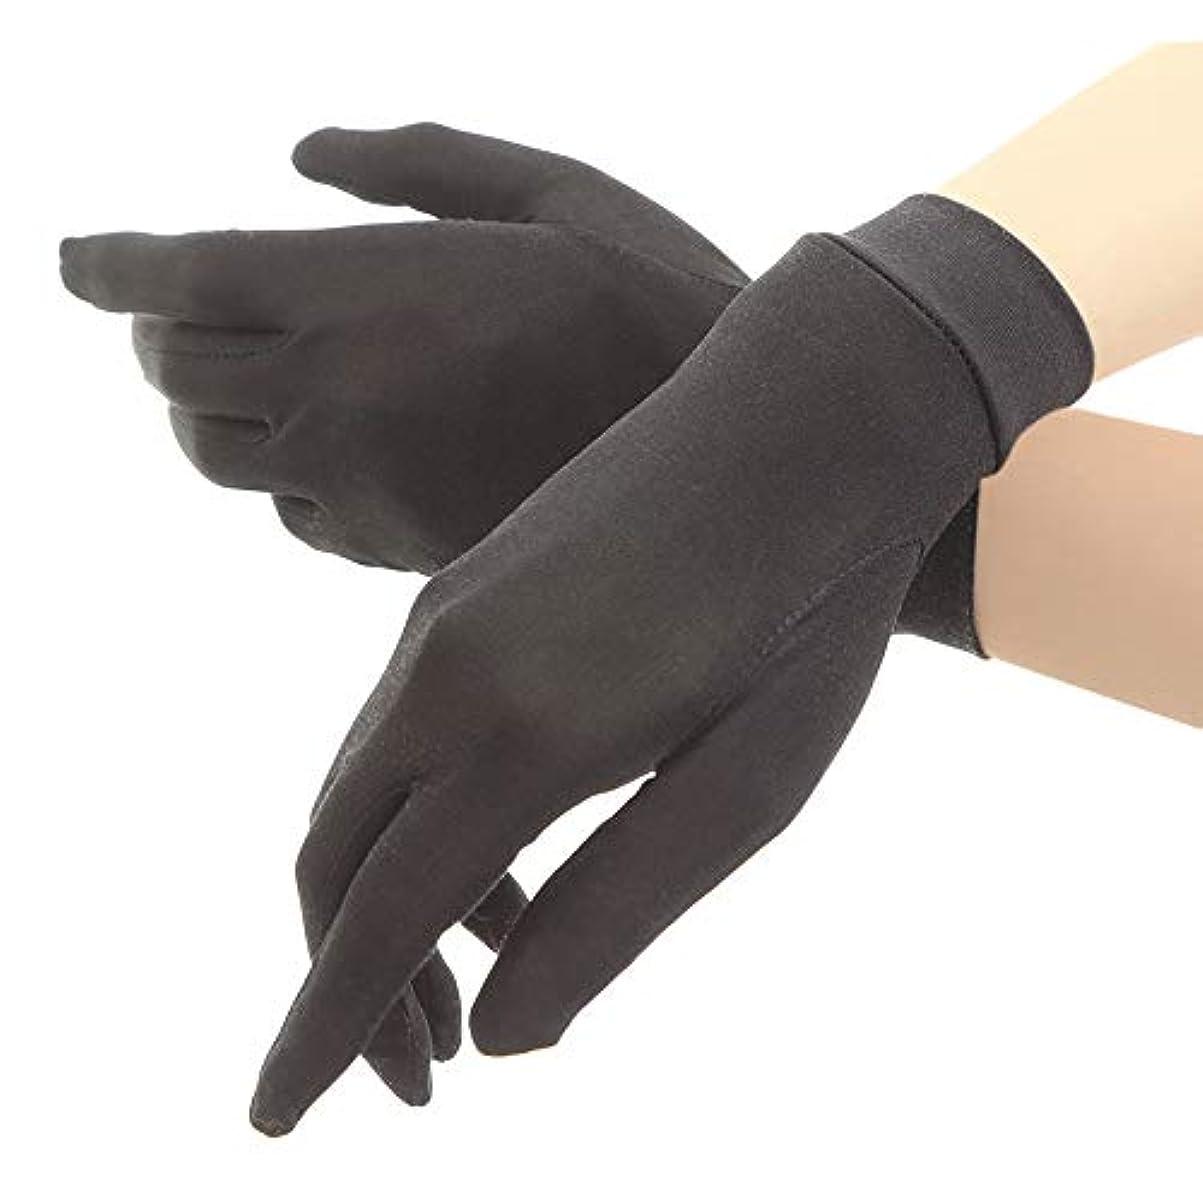 ソーダ水可能イタリックシルク手袋 レディース 手袋 シルク 絹 ハンド ケア 保湿 紫外線 肌荒れ 乾燥 サイズアップで手指にマッチ 【macch】